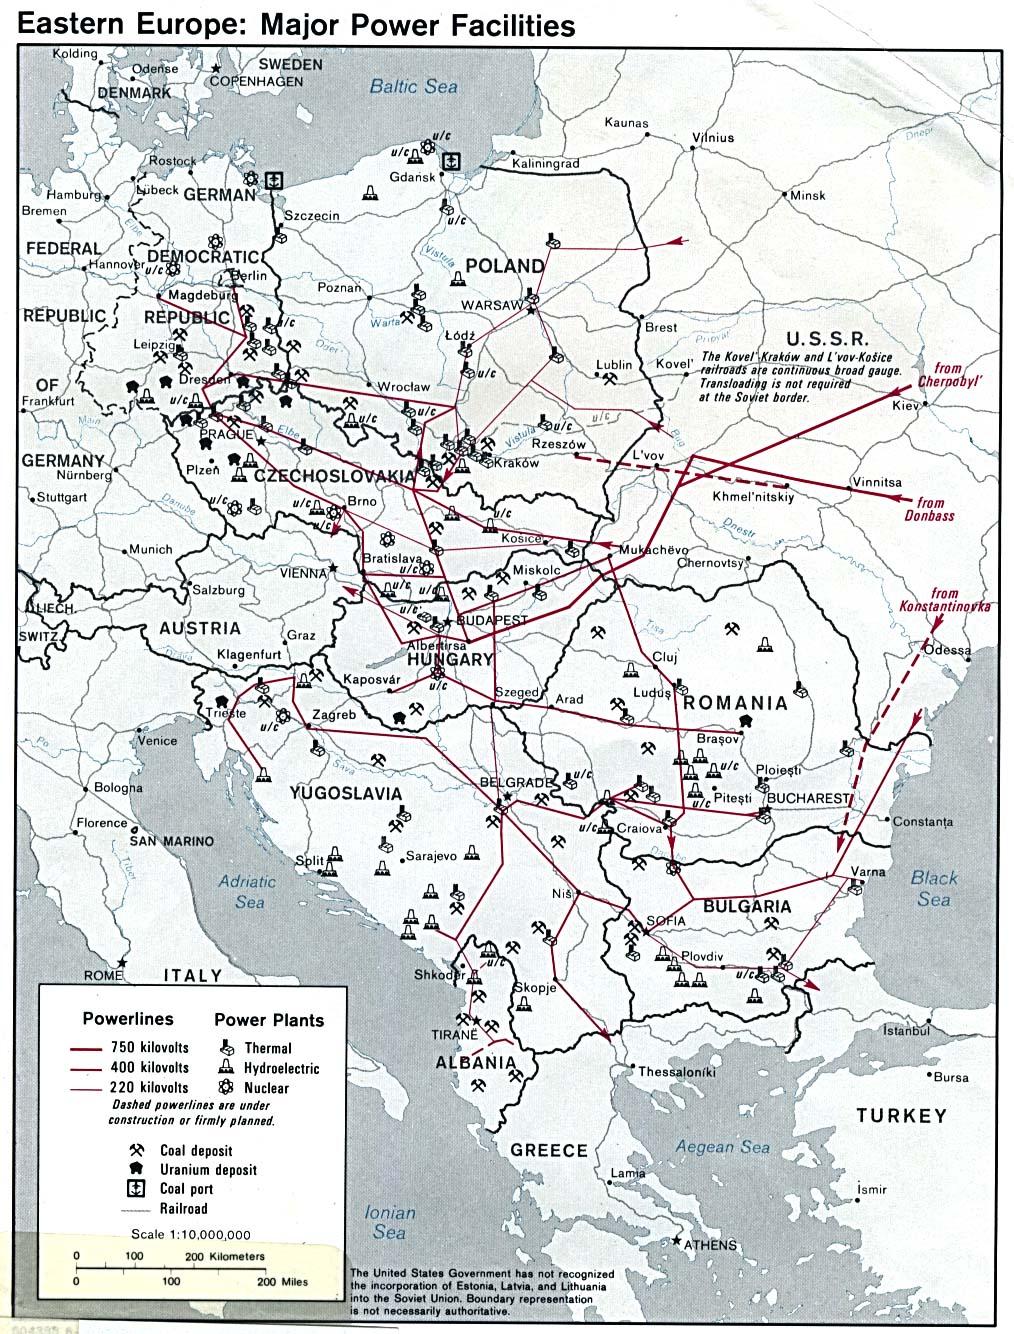 Principales Instalaciones Eléctricas de Europa Oriental 1980